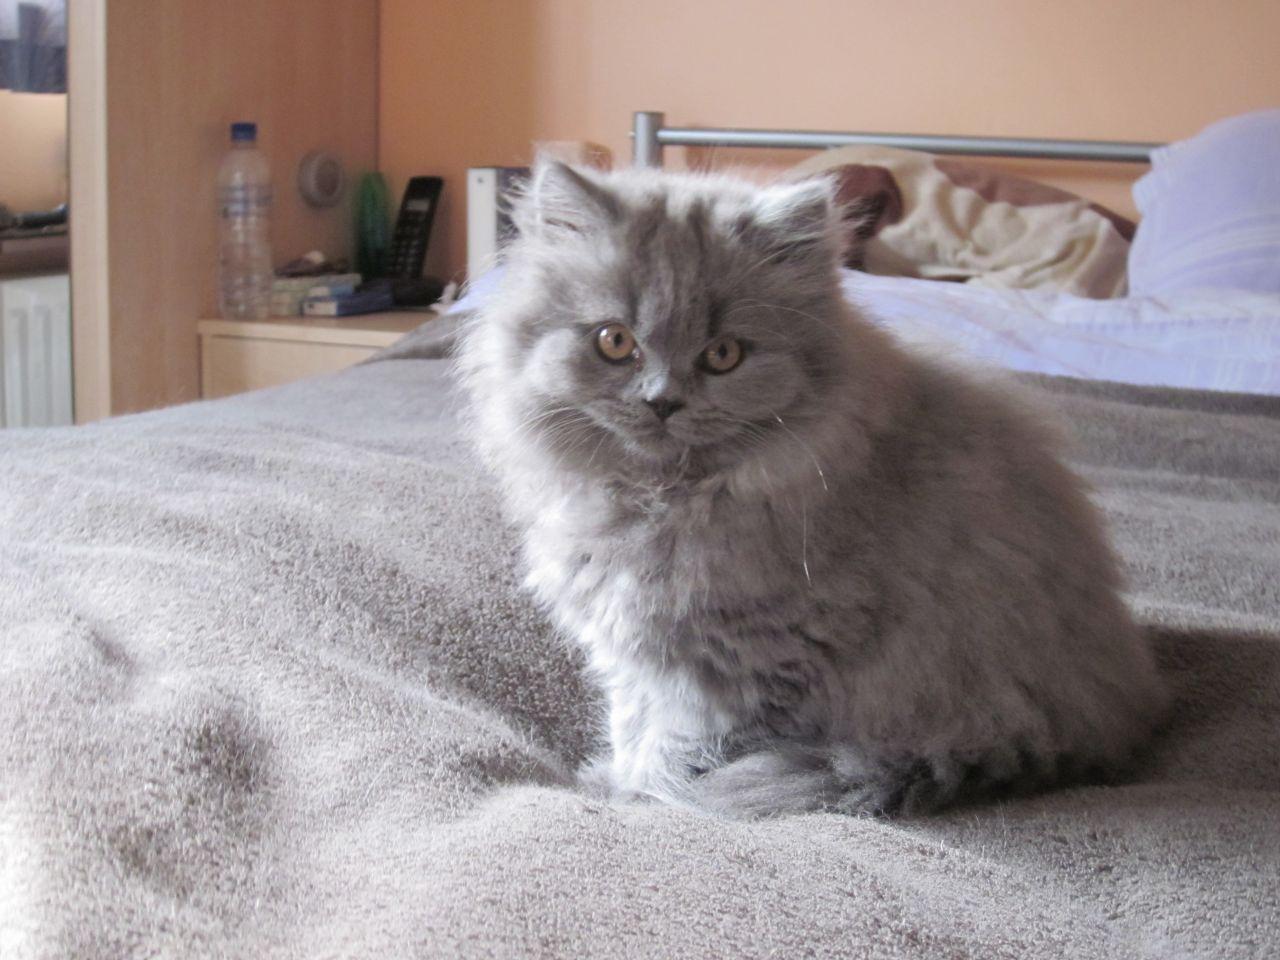 Ảnh mèo anh lông dài (ald) xám tro cực đẹp